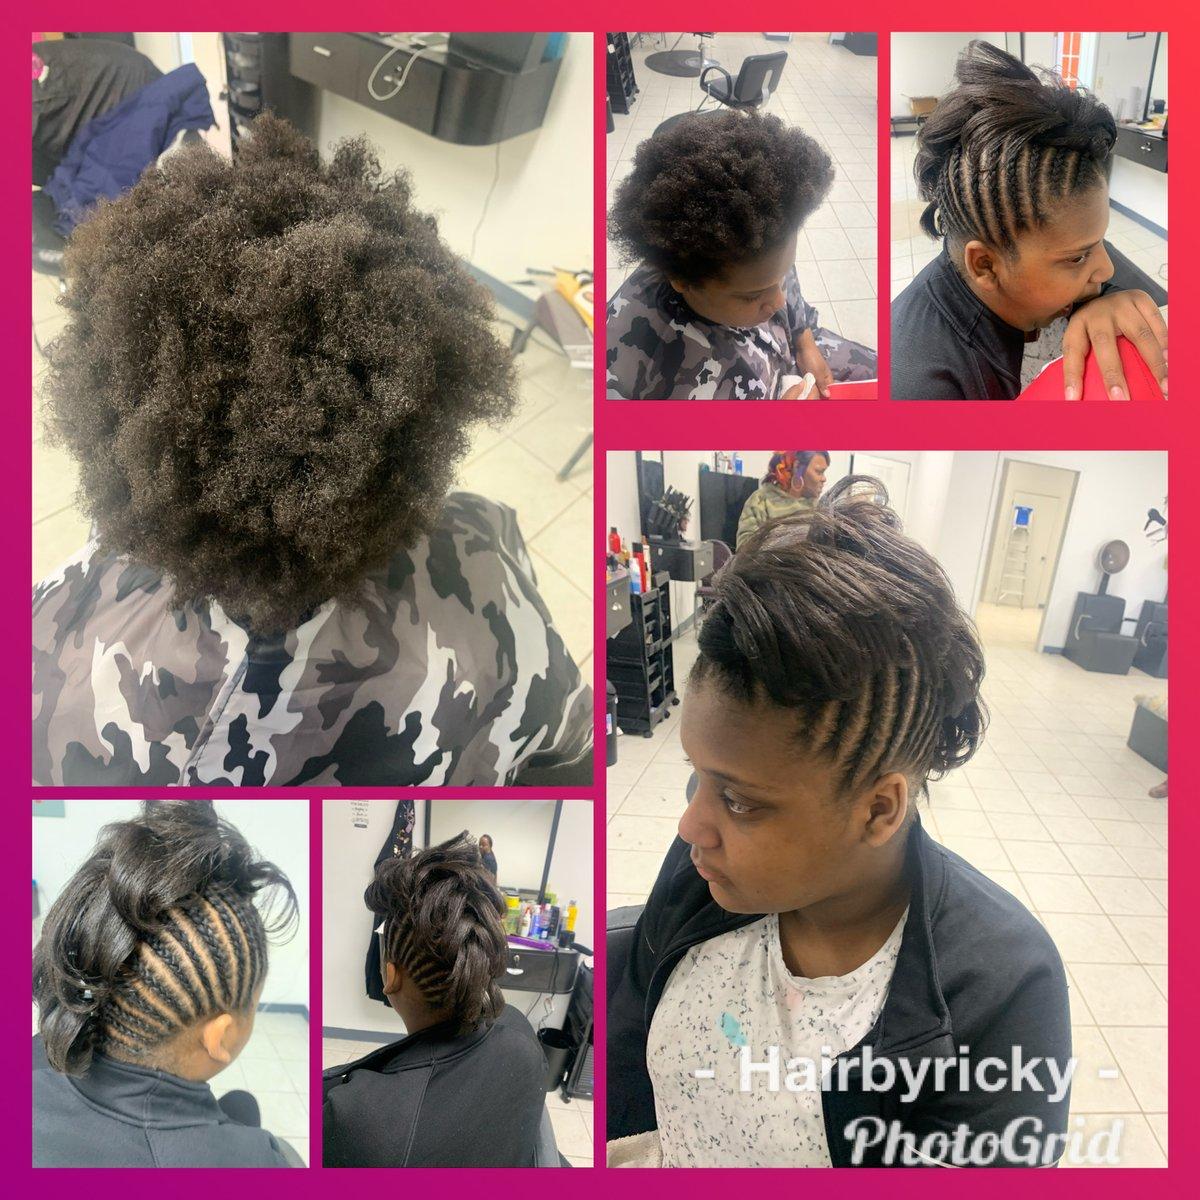 Before and after pics.. #hairbyricky  #Hair #Hairstyle #Hairstylist #HairGoals #HairCut #HairColor #InstaHair #HairCare #HairDo #Okchair #Okcstylist #CurlyHair #StraightHair #HairOfTheDay #HairIdeas #HairDye #HairVideo #LongHair #ShortHair #CoolHair #HairArt #HairSalonpic.twitter.com/v8kVM4l090